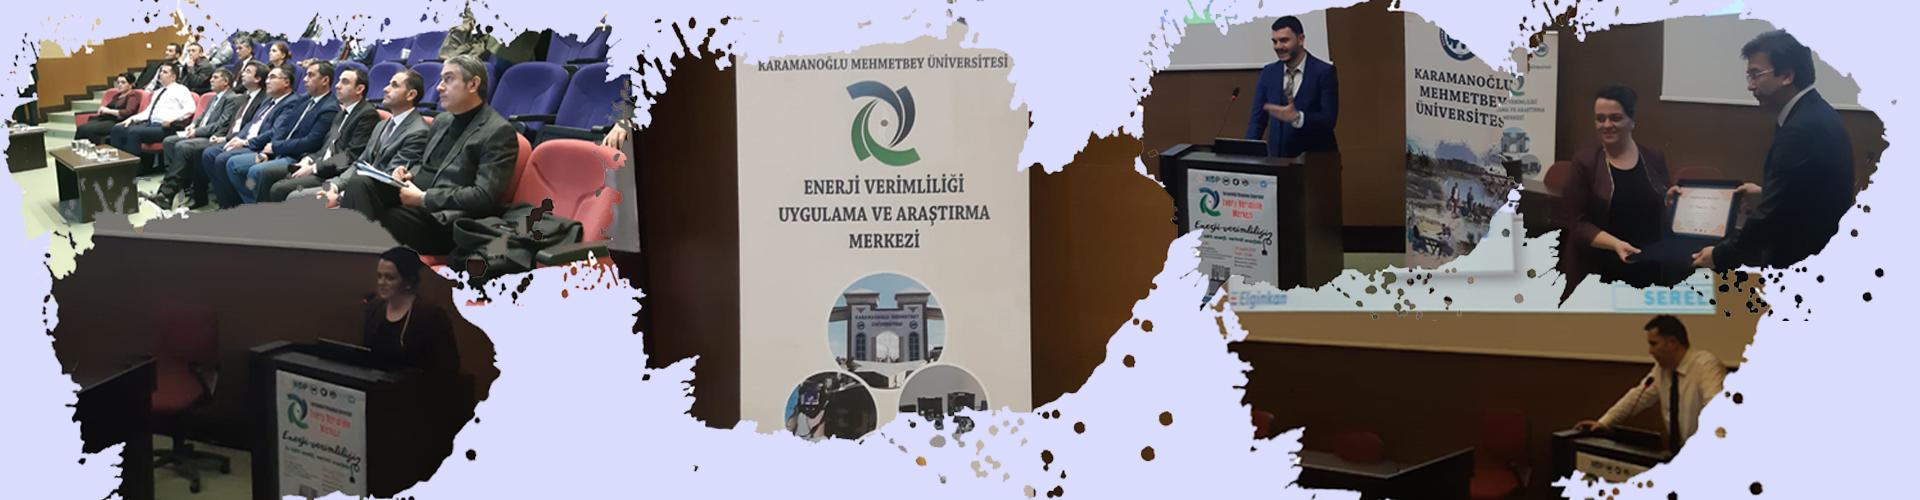 Kırıkkale Üniversitesi Enerji Verimliliği Semineri